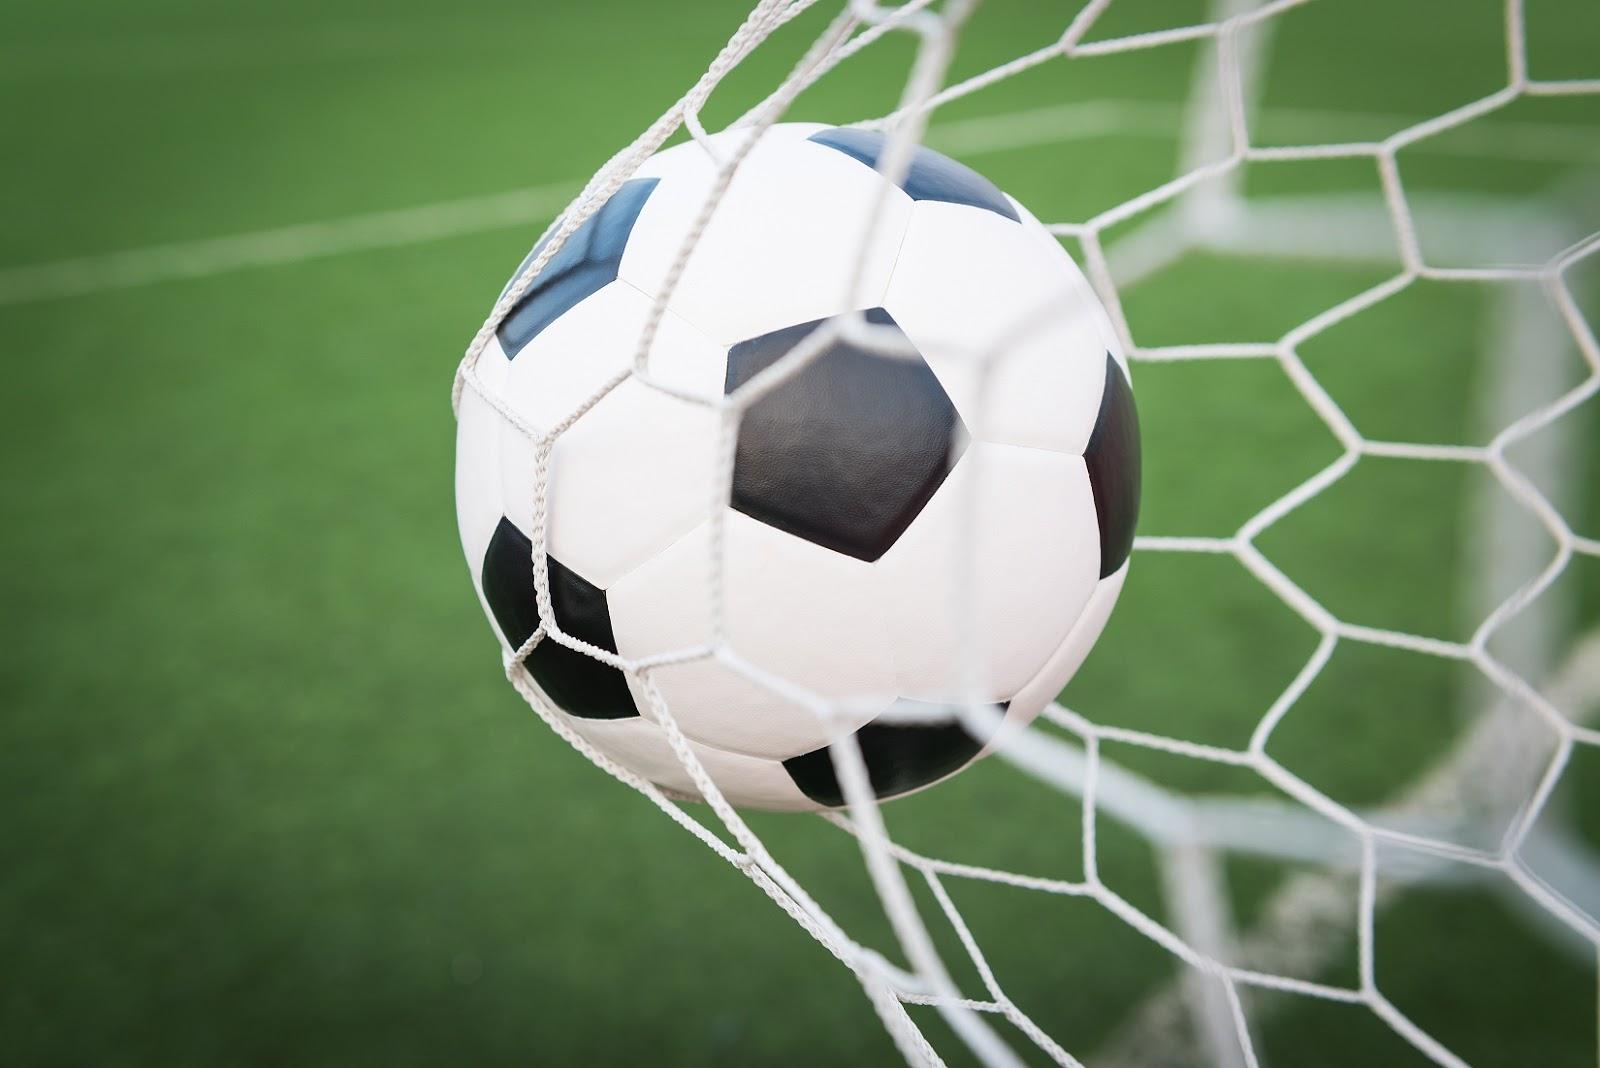 Distribuidora Souza e Rodeio empatam pela sexta rodada do Campeonato Municipal de Futebol de Itararé (SP)